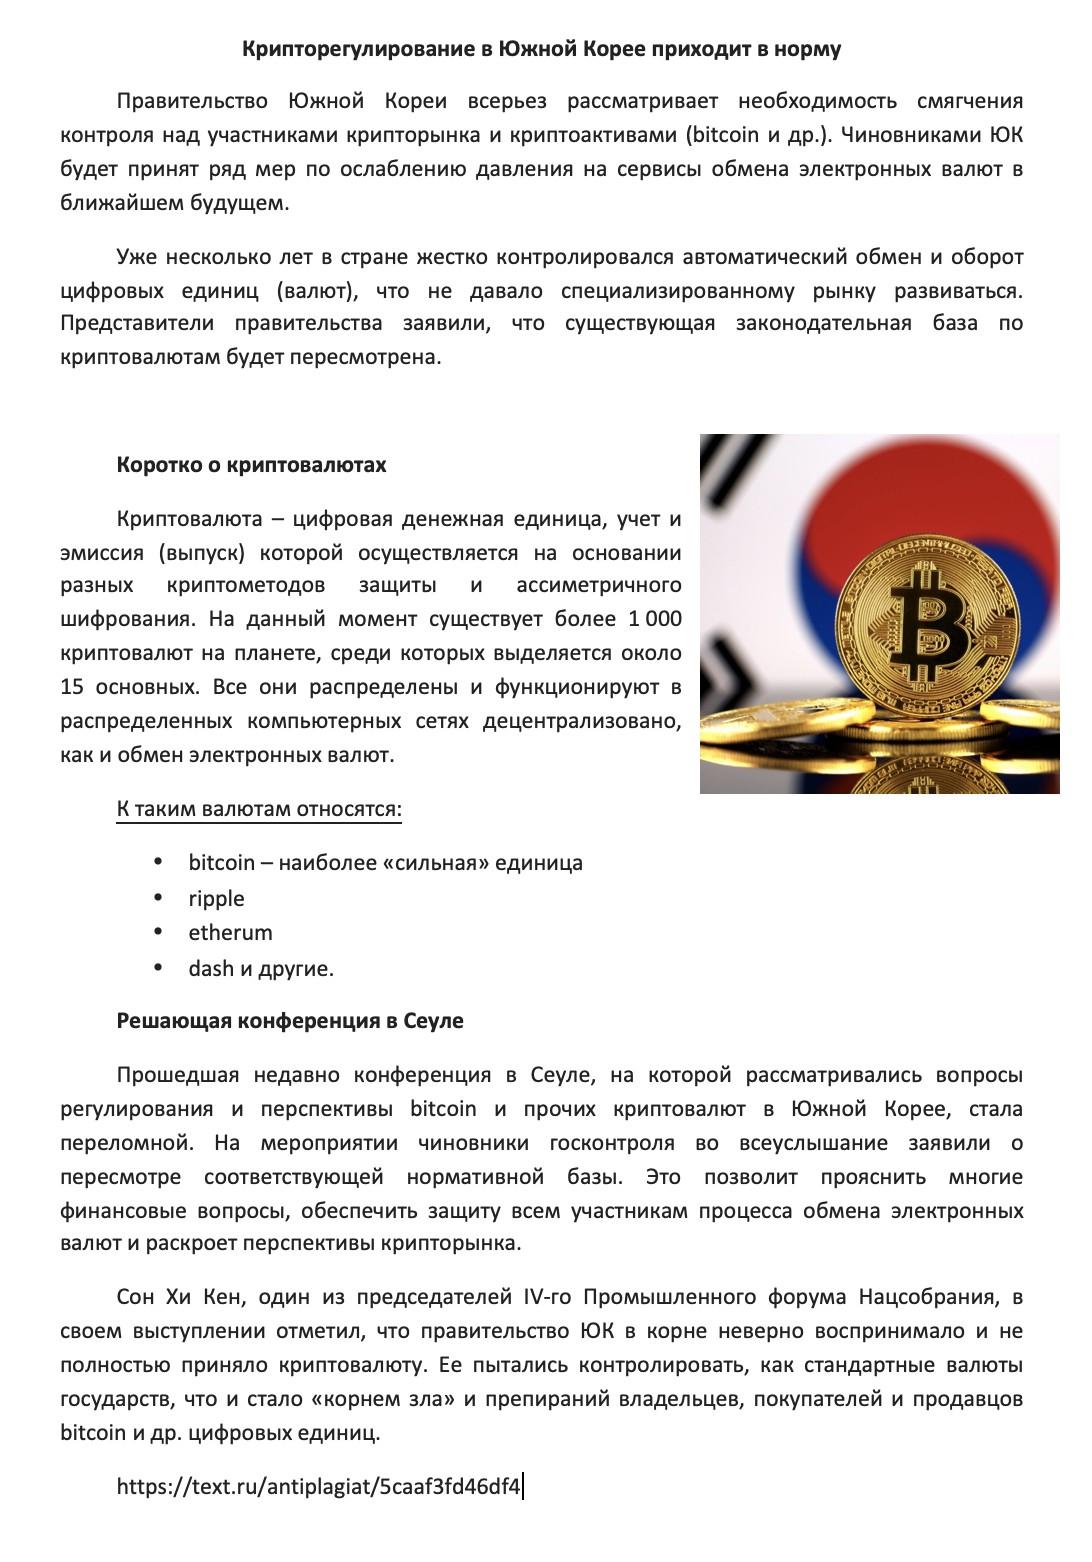 Еженедельные статьи для пункта обмена электронных валют